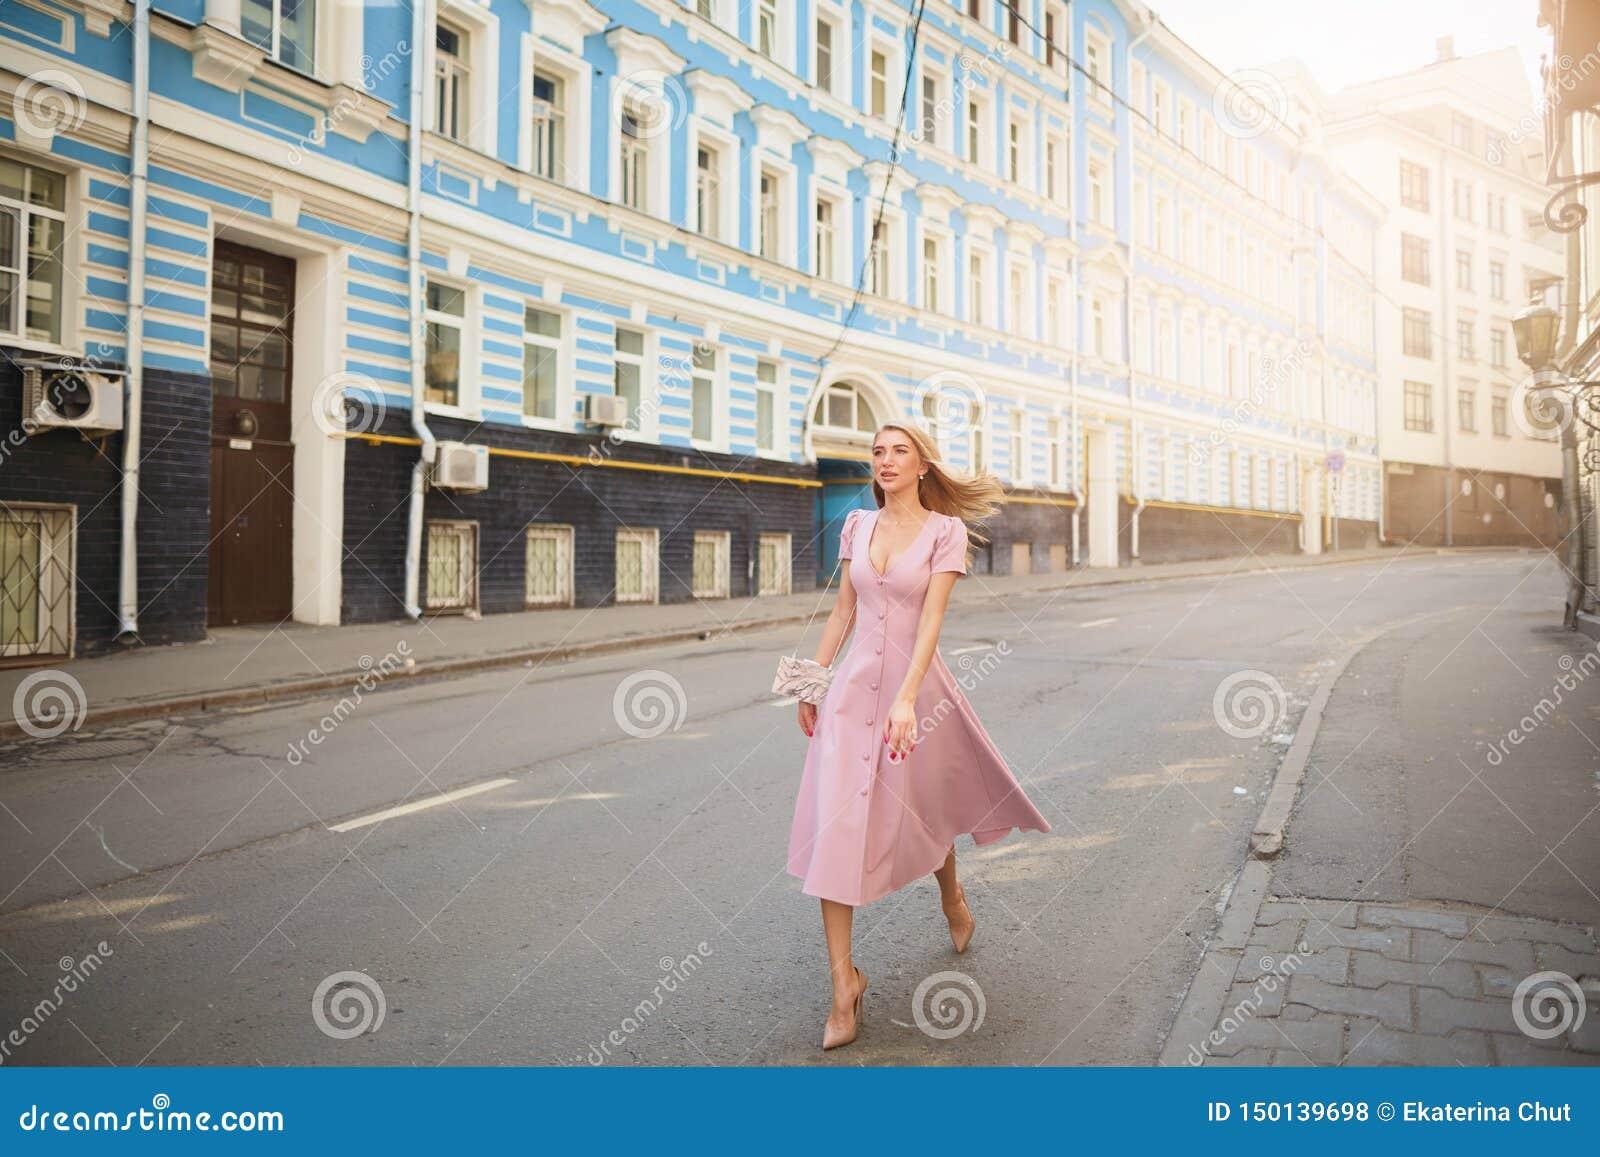 Fashionably kleedde vrouw op de straten van een kleine stad, het winkelen concept